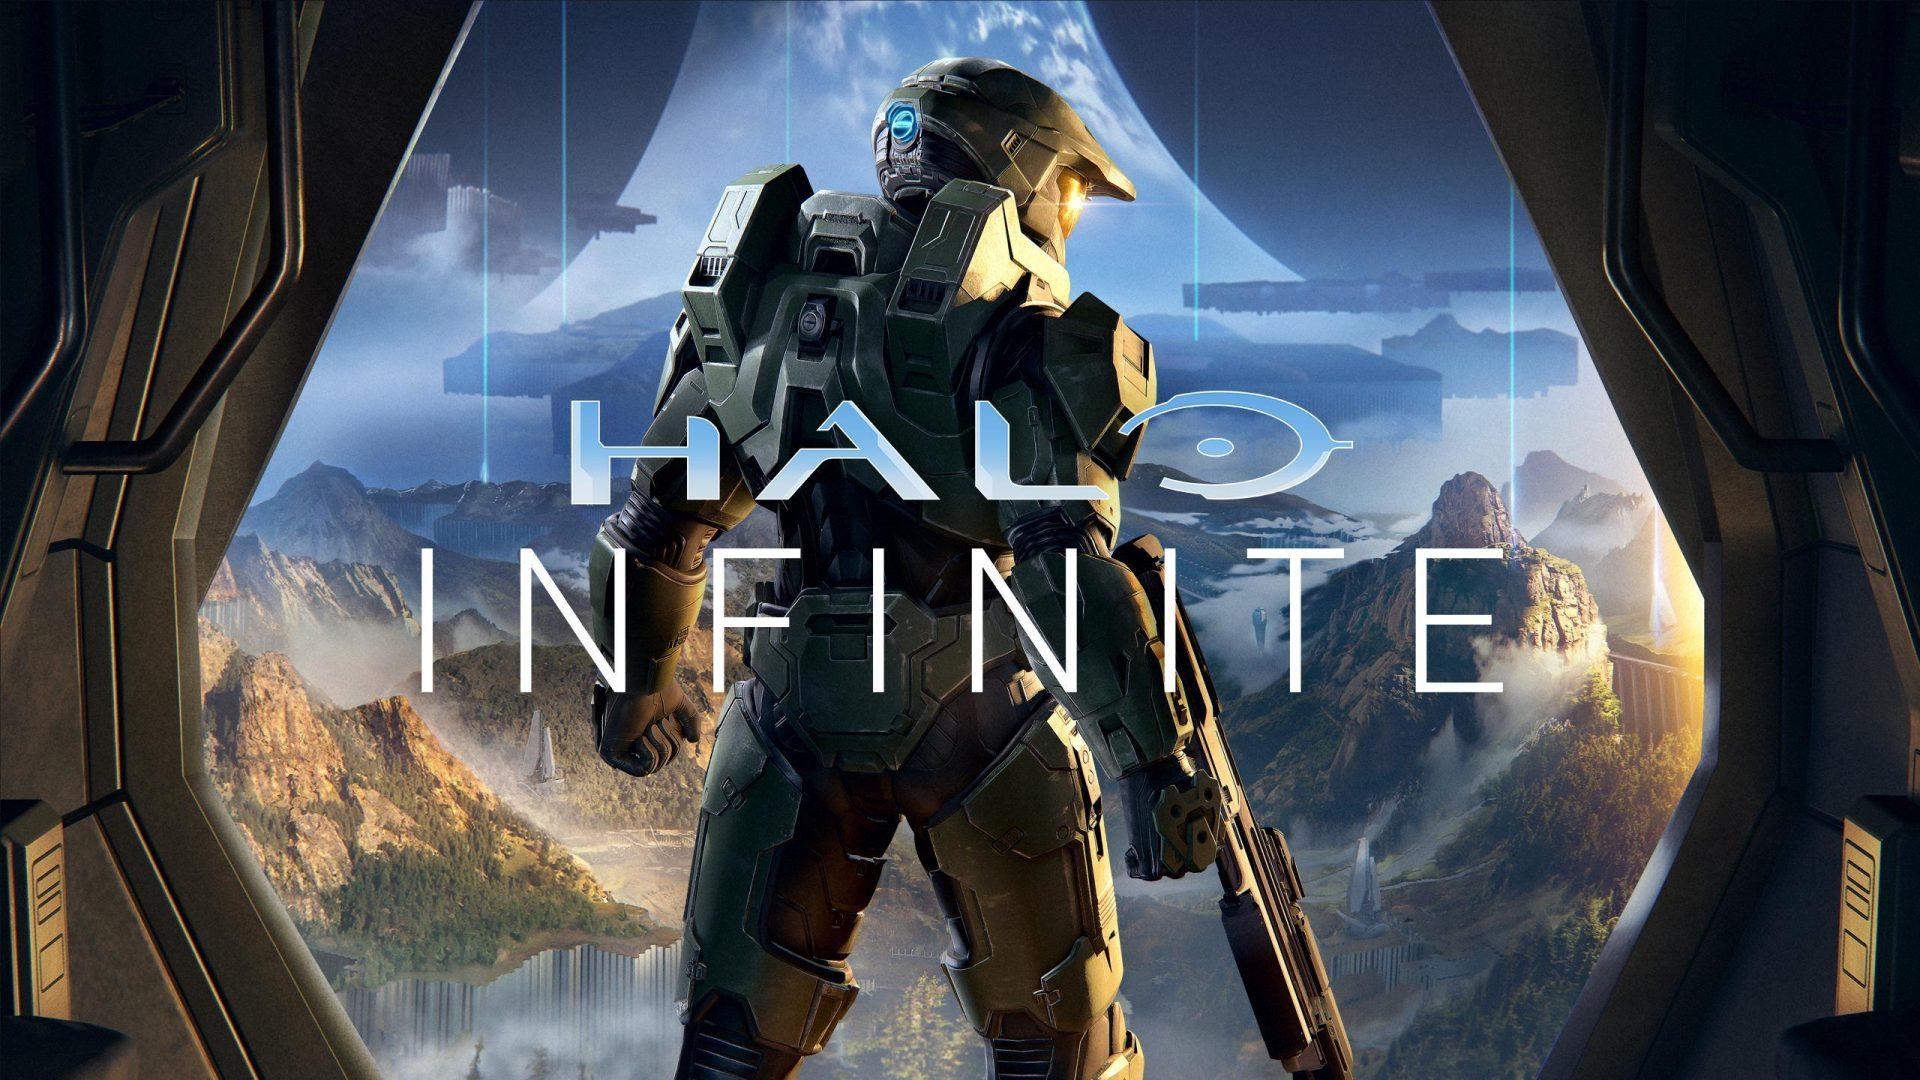 Halo-Infinite-gameplay